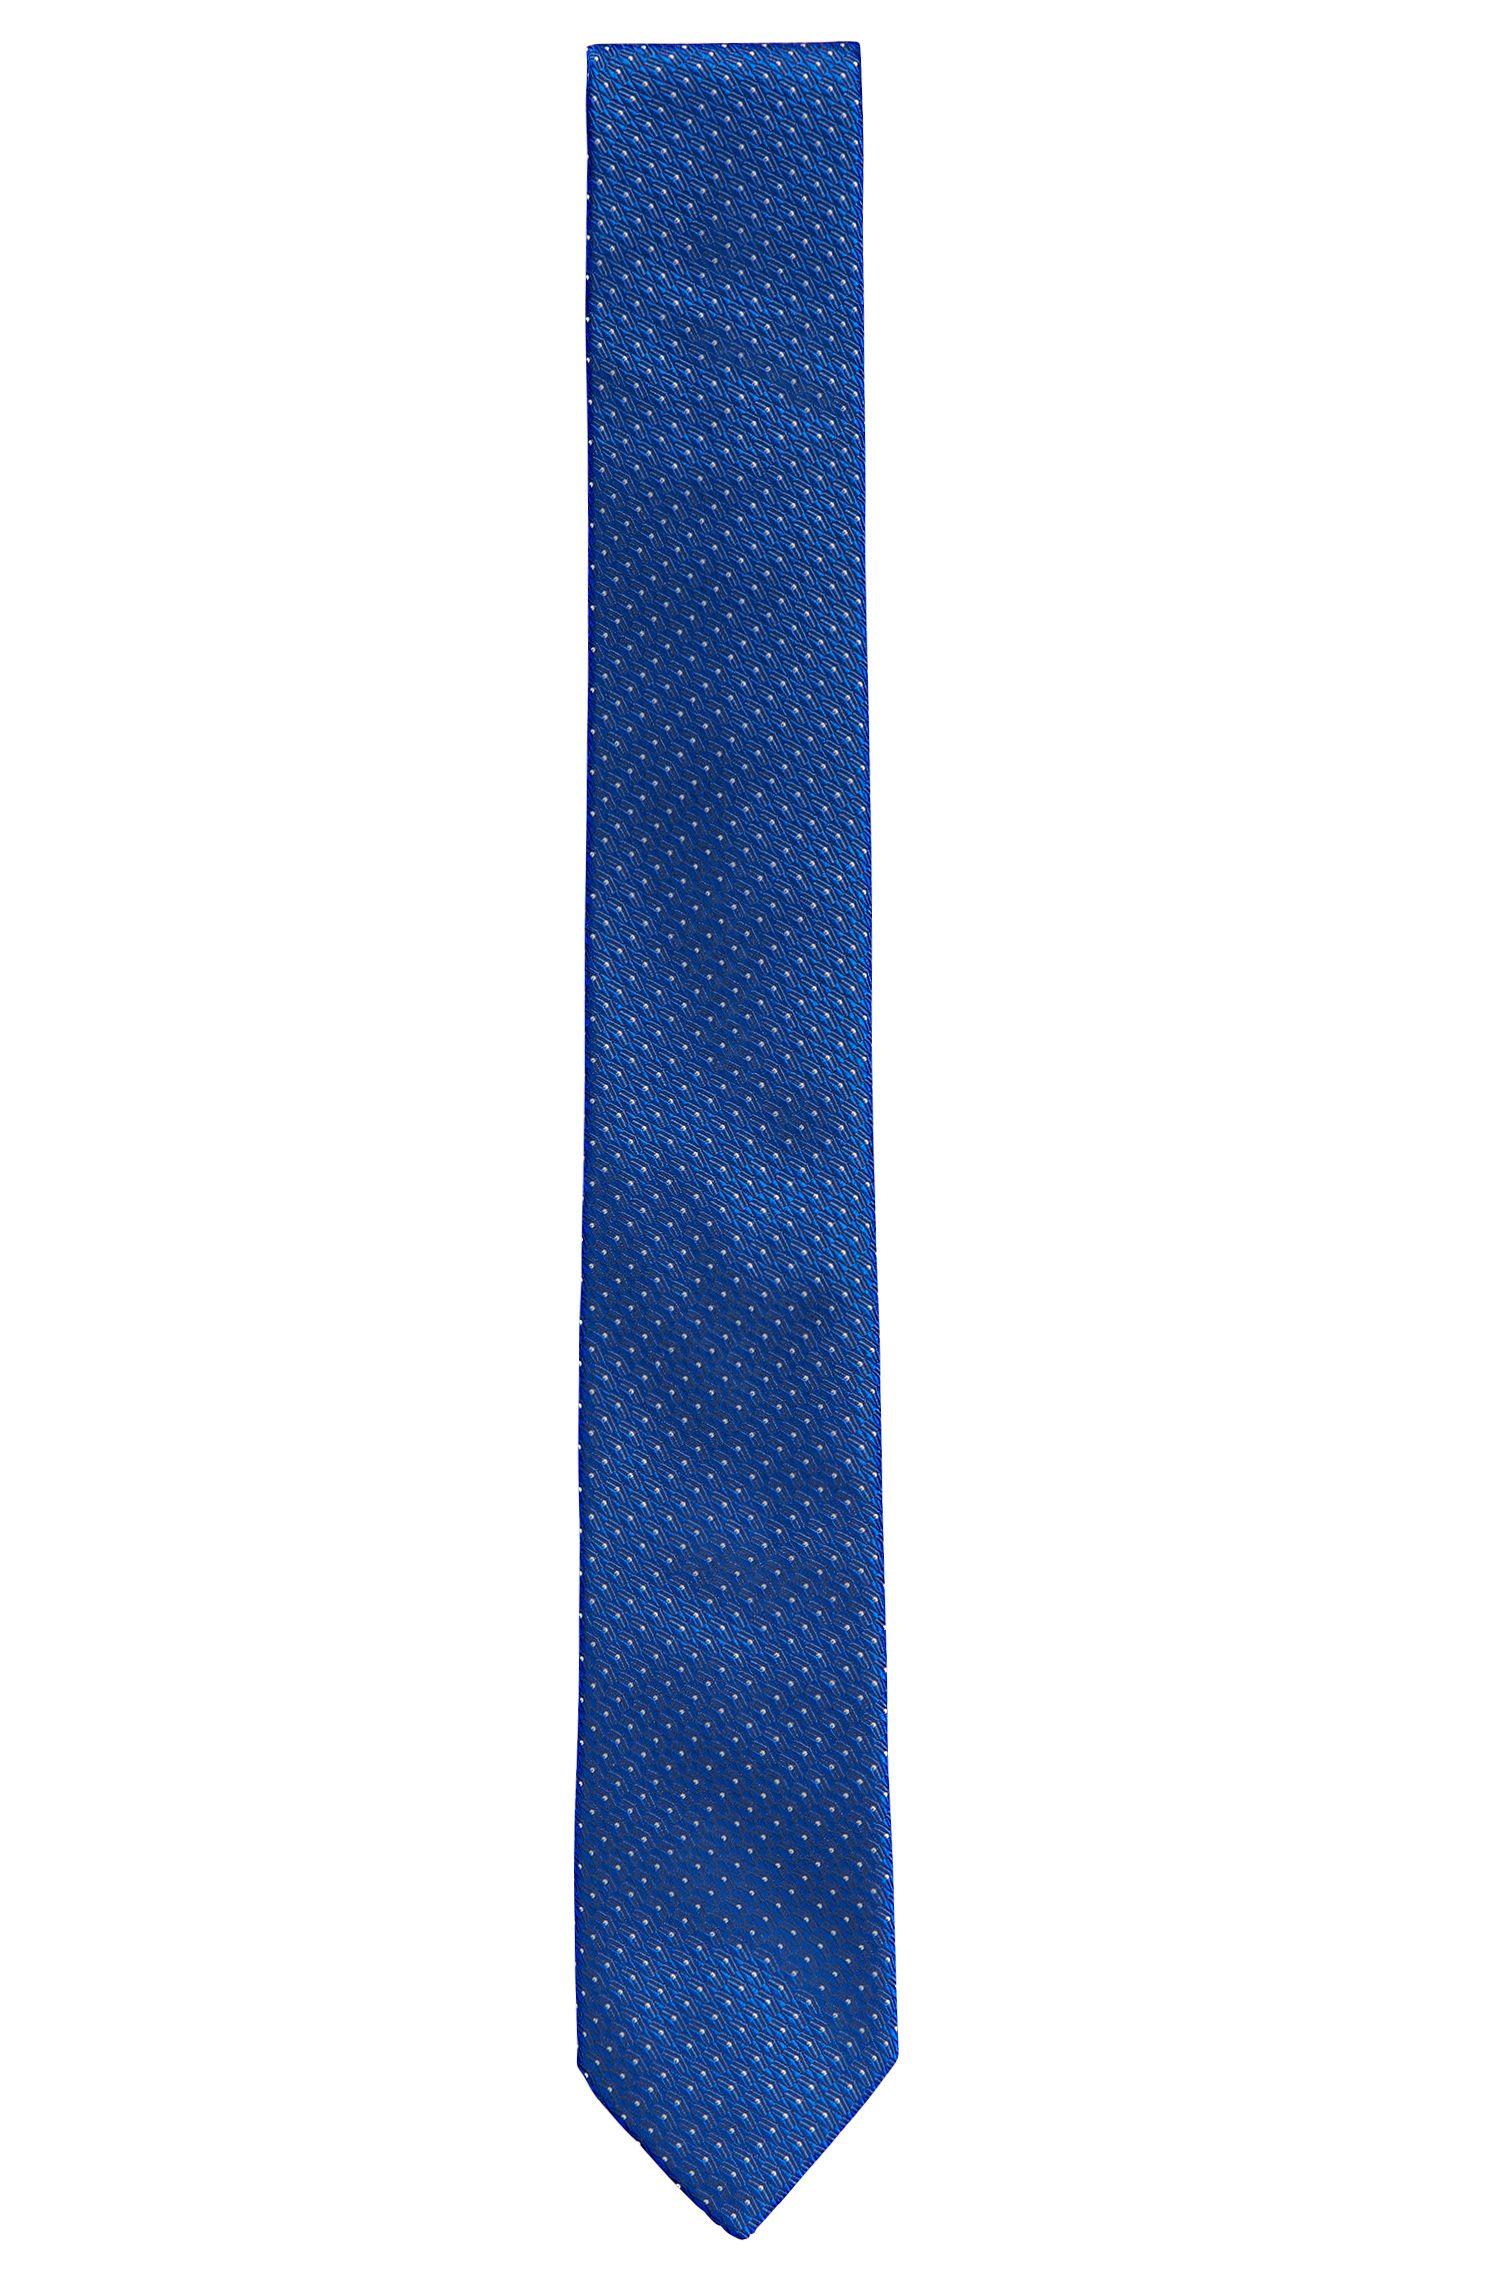 Fein gemusterte Krawatte aus Seide: 'Tie cm 6'